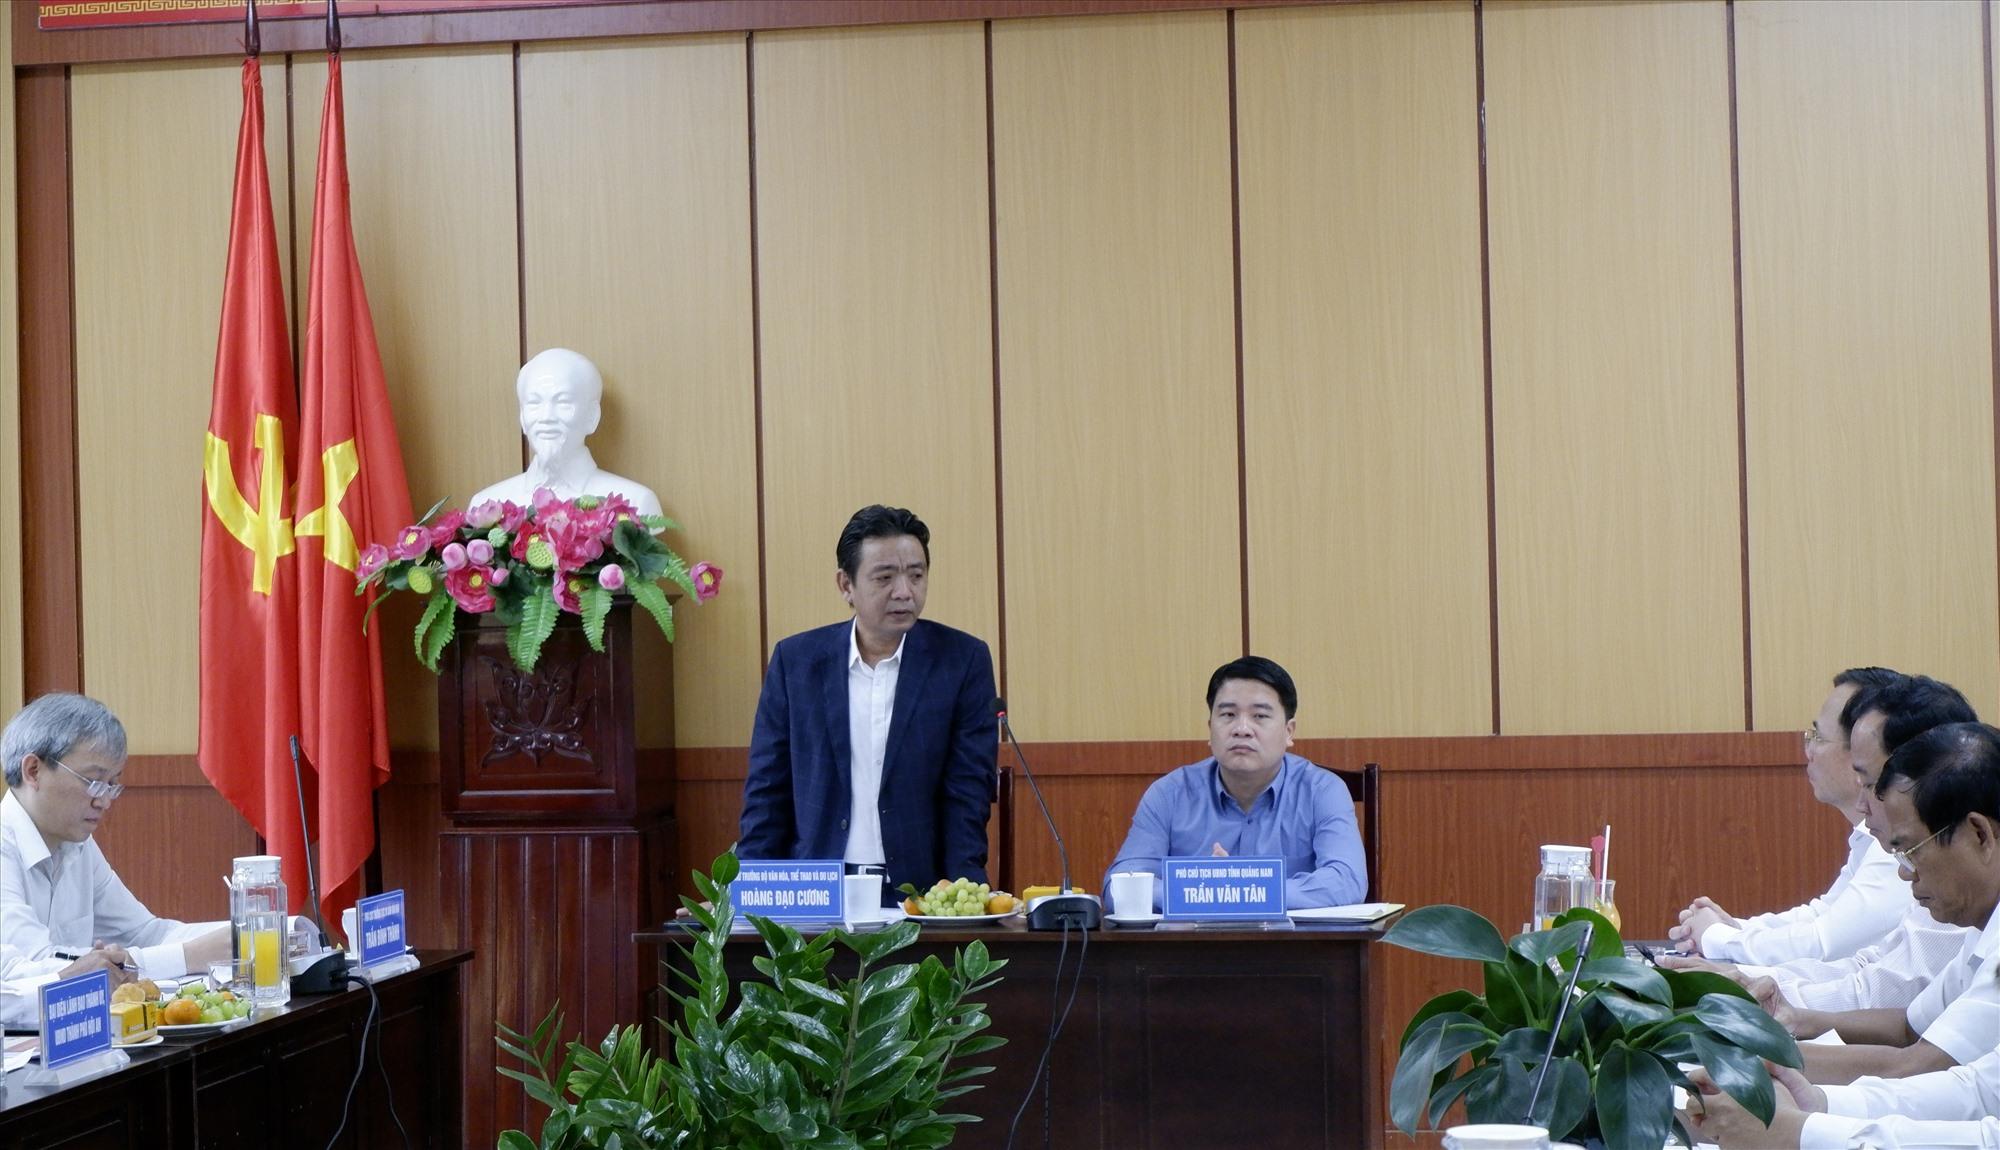 Thứ trưởng Hoàng Đạo Cương và Phó Chủ tịch UBND tỉnh Trần Văn Tân chủ trì buổi làm việc về các vấn đề của di sản tại Quảng Nam, trong đó nhấn mạnh tính cấp thiết phải trùng tu Chùa Cầu. Ảnh: L.Q